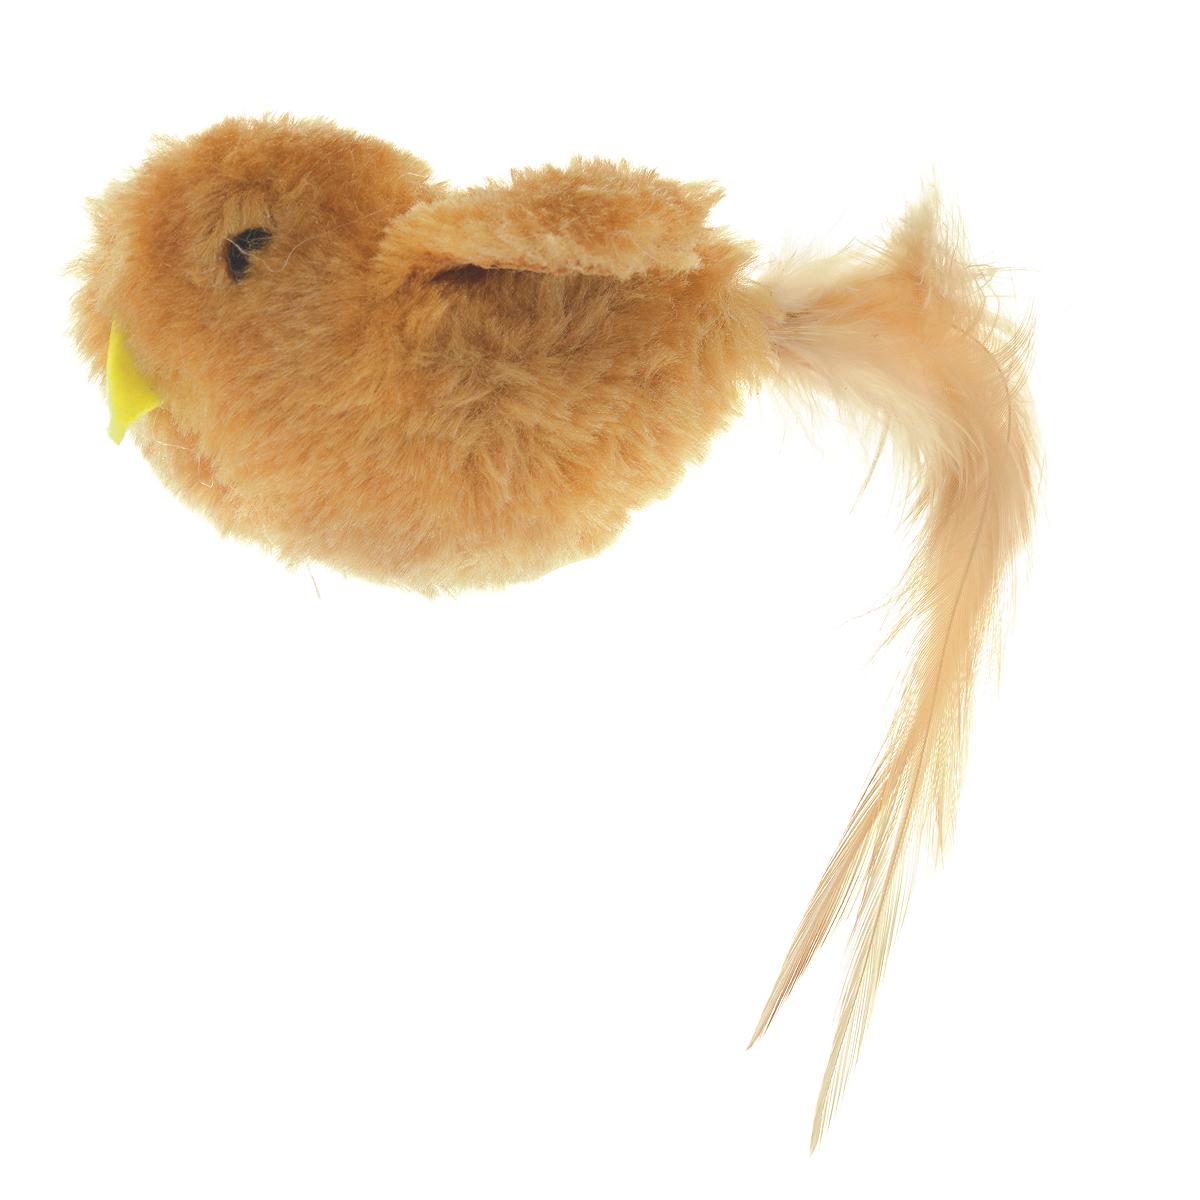 Игрушка для кошки V.I.Pet Птичка, с мятой, цвет: коричневыйC-103Игрушка V.I.Pet Птичка, изготовленная из текстиля, наполнена кошачьей мятой (котовником) - растением, запах которого делает кошку более игривой. Очень агрессивные кошки становятся спокойными и уравновешенными. С помощью этой игрушки кошка легко перенесет путешествие на автомобиле, посещение ветеринарного врача или переезд животного на новую квартиру.